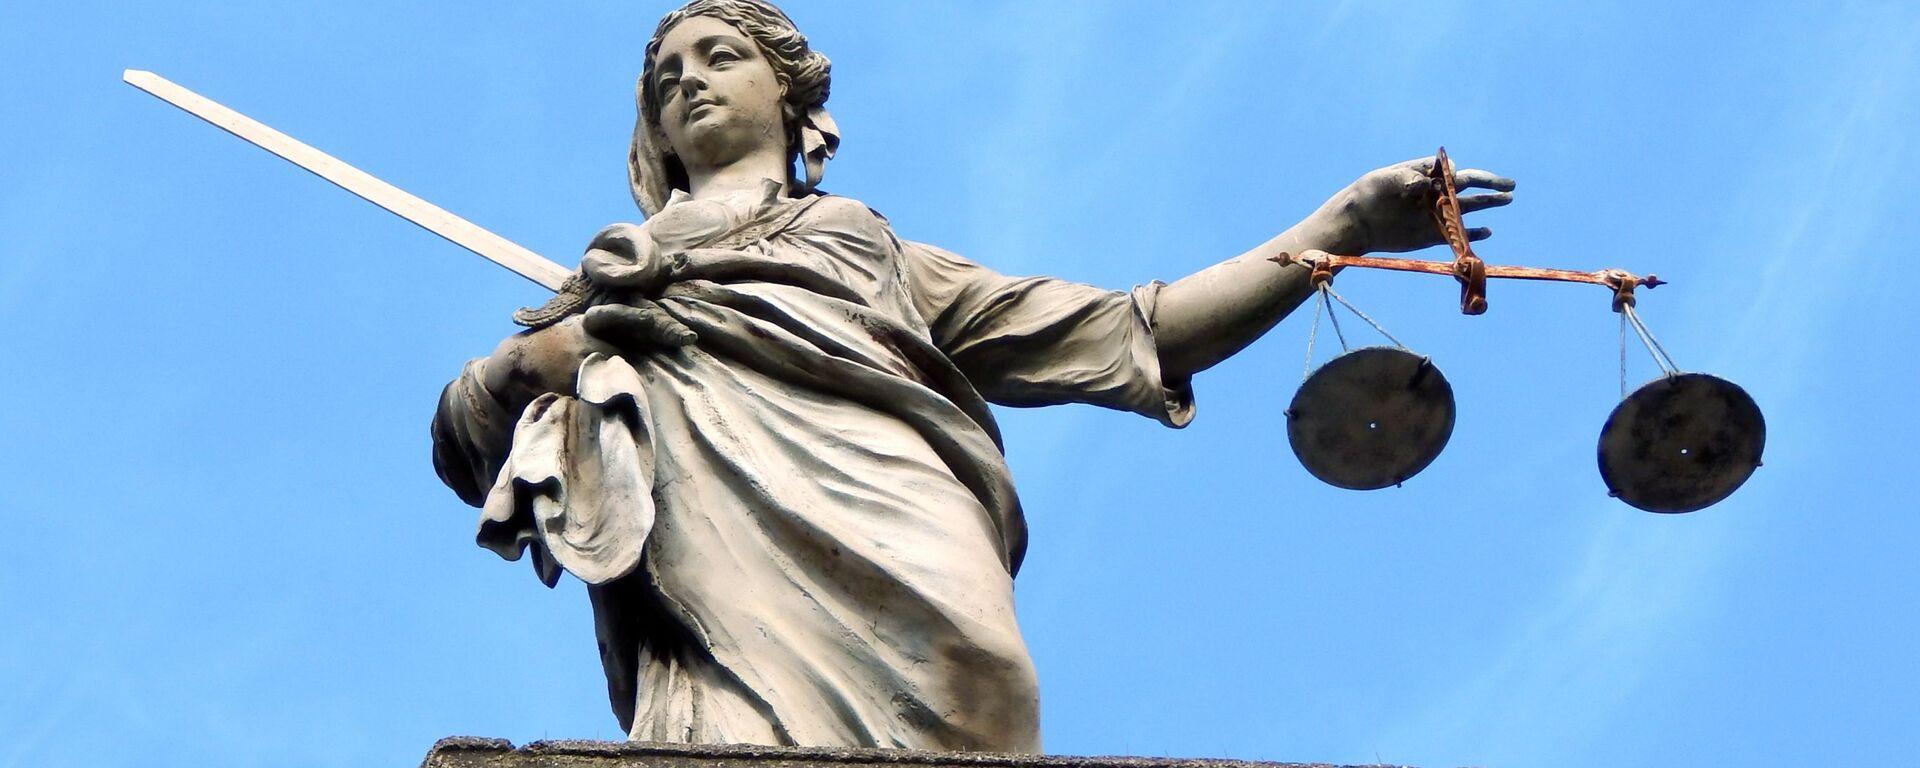 Justicia (imagen referencial) - Sputnik Mundo, 1920, 22.03.2021